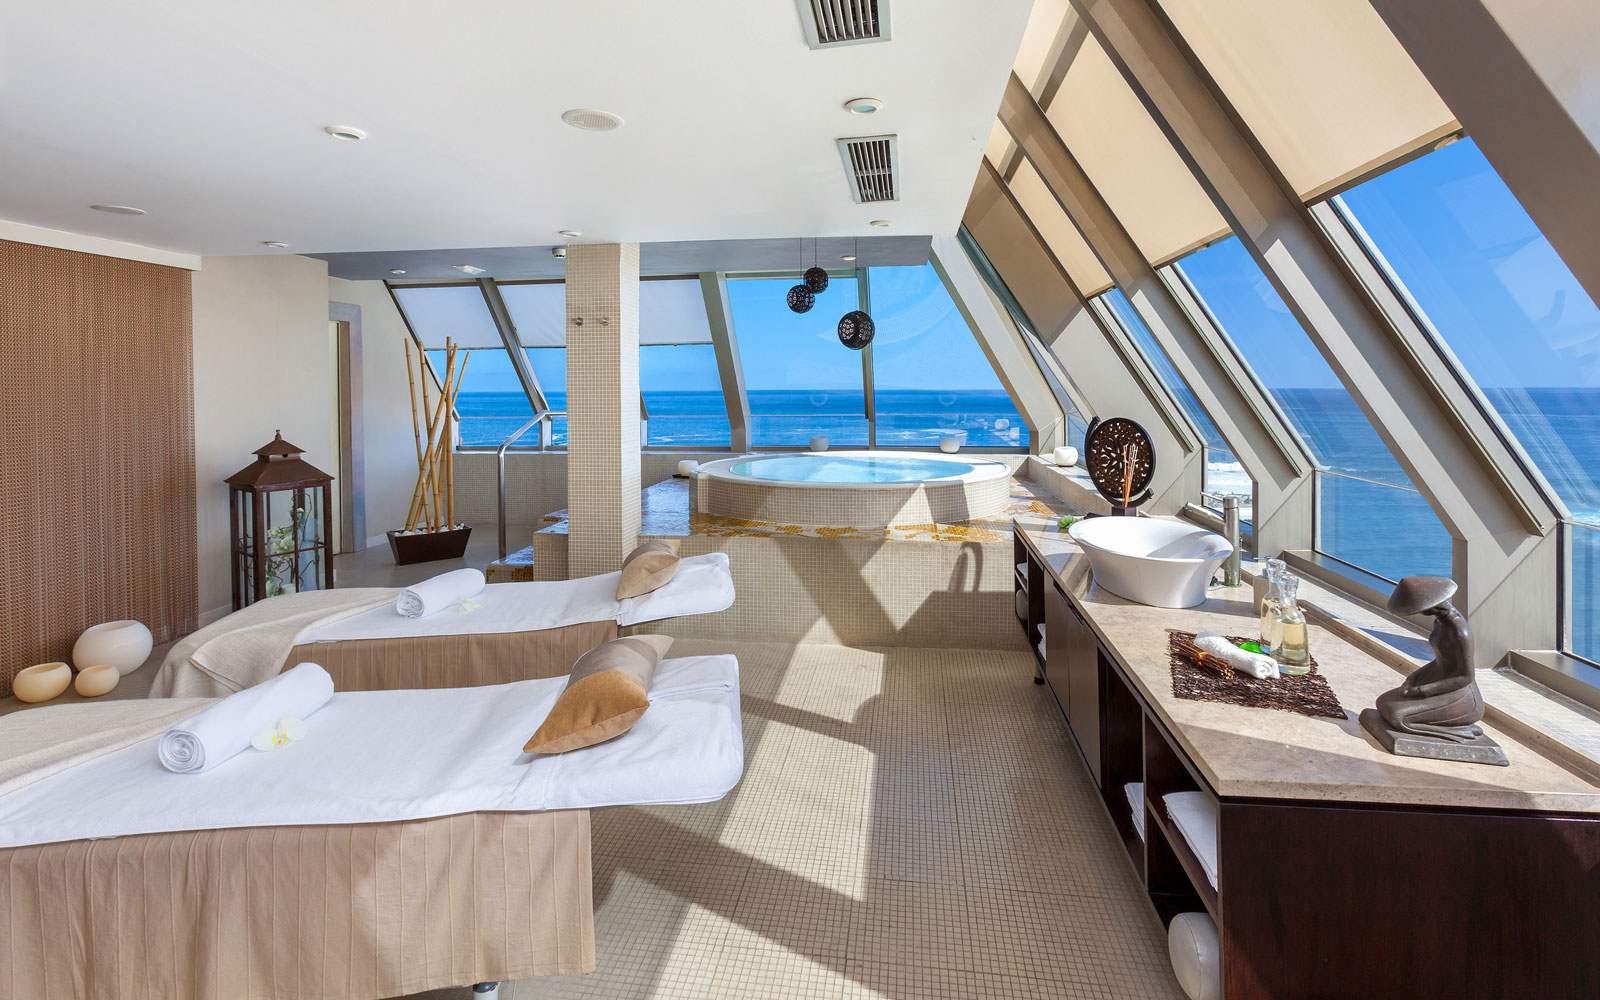 Sol Costa Atlantis Spa